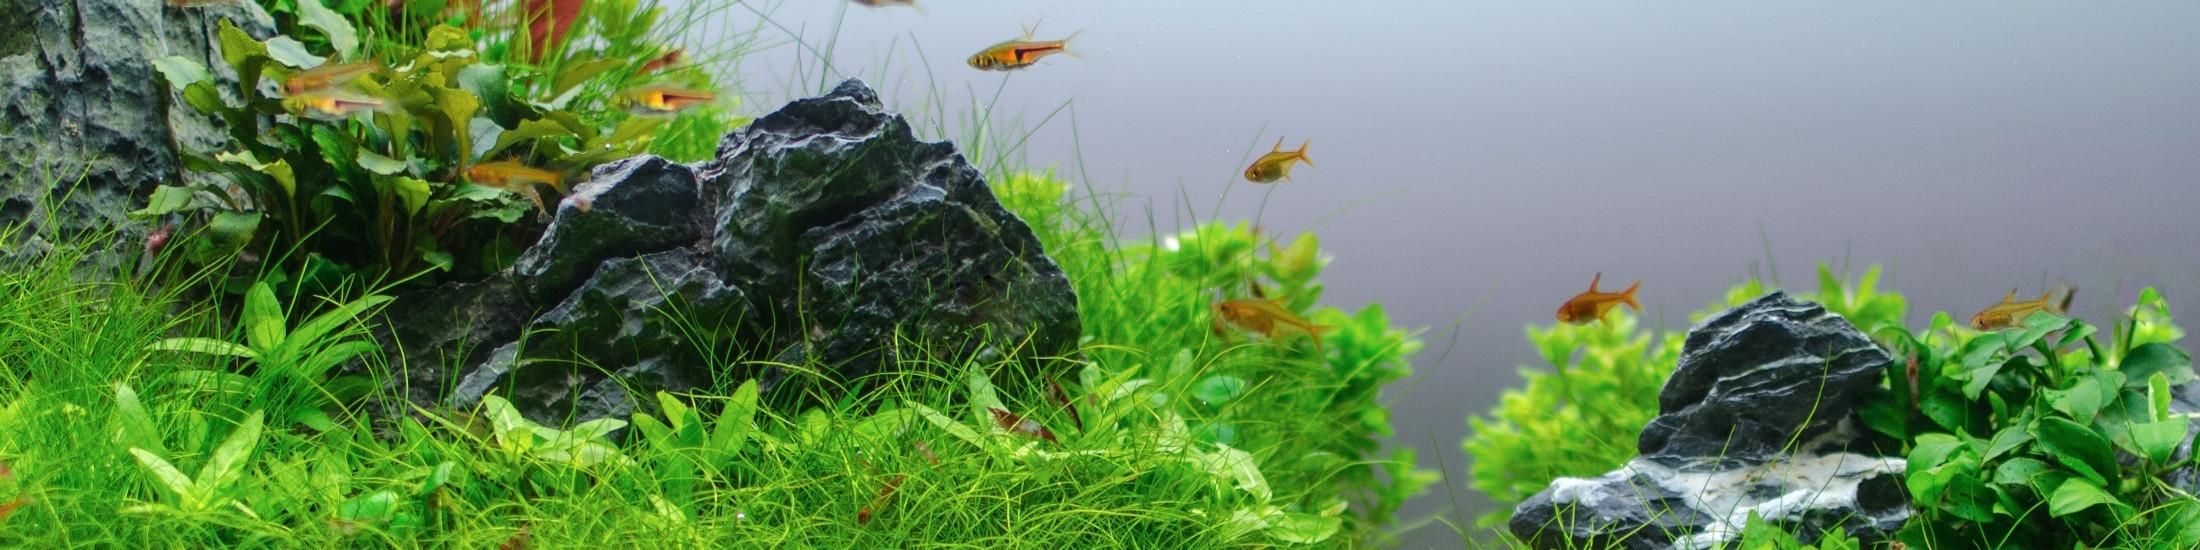 sinkor aquarium web about sinkor aquarium brand